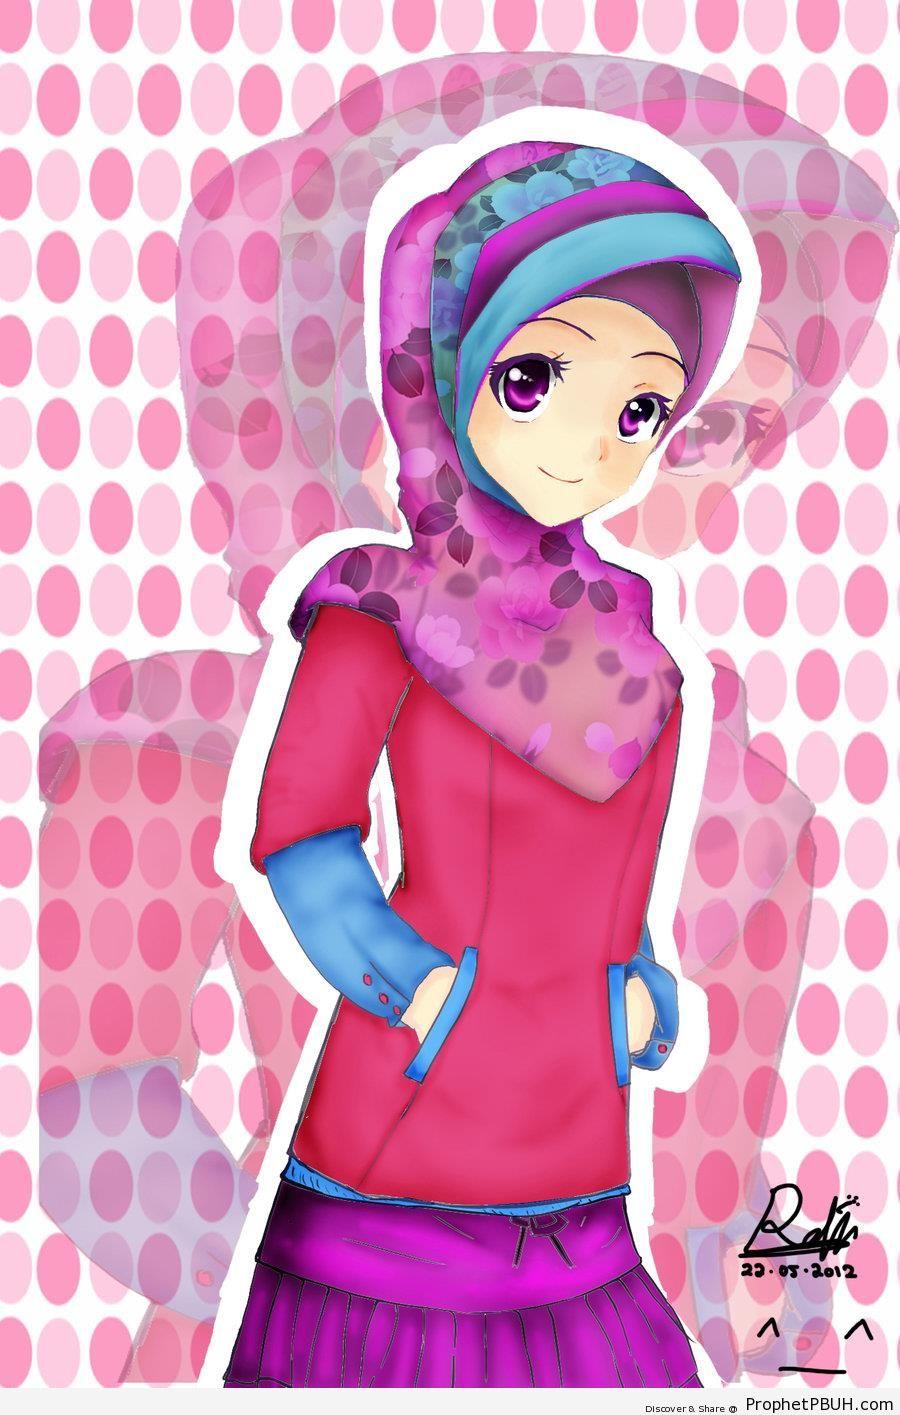 Anime PurpleEyed Muslim Girl  Drawings  Prophet PBUH